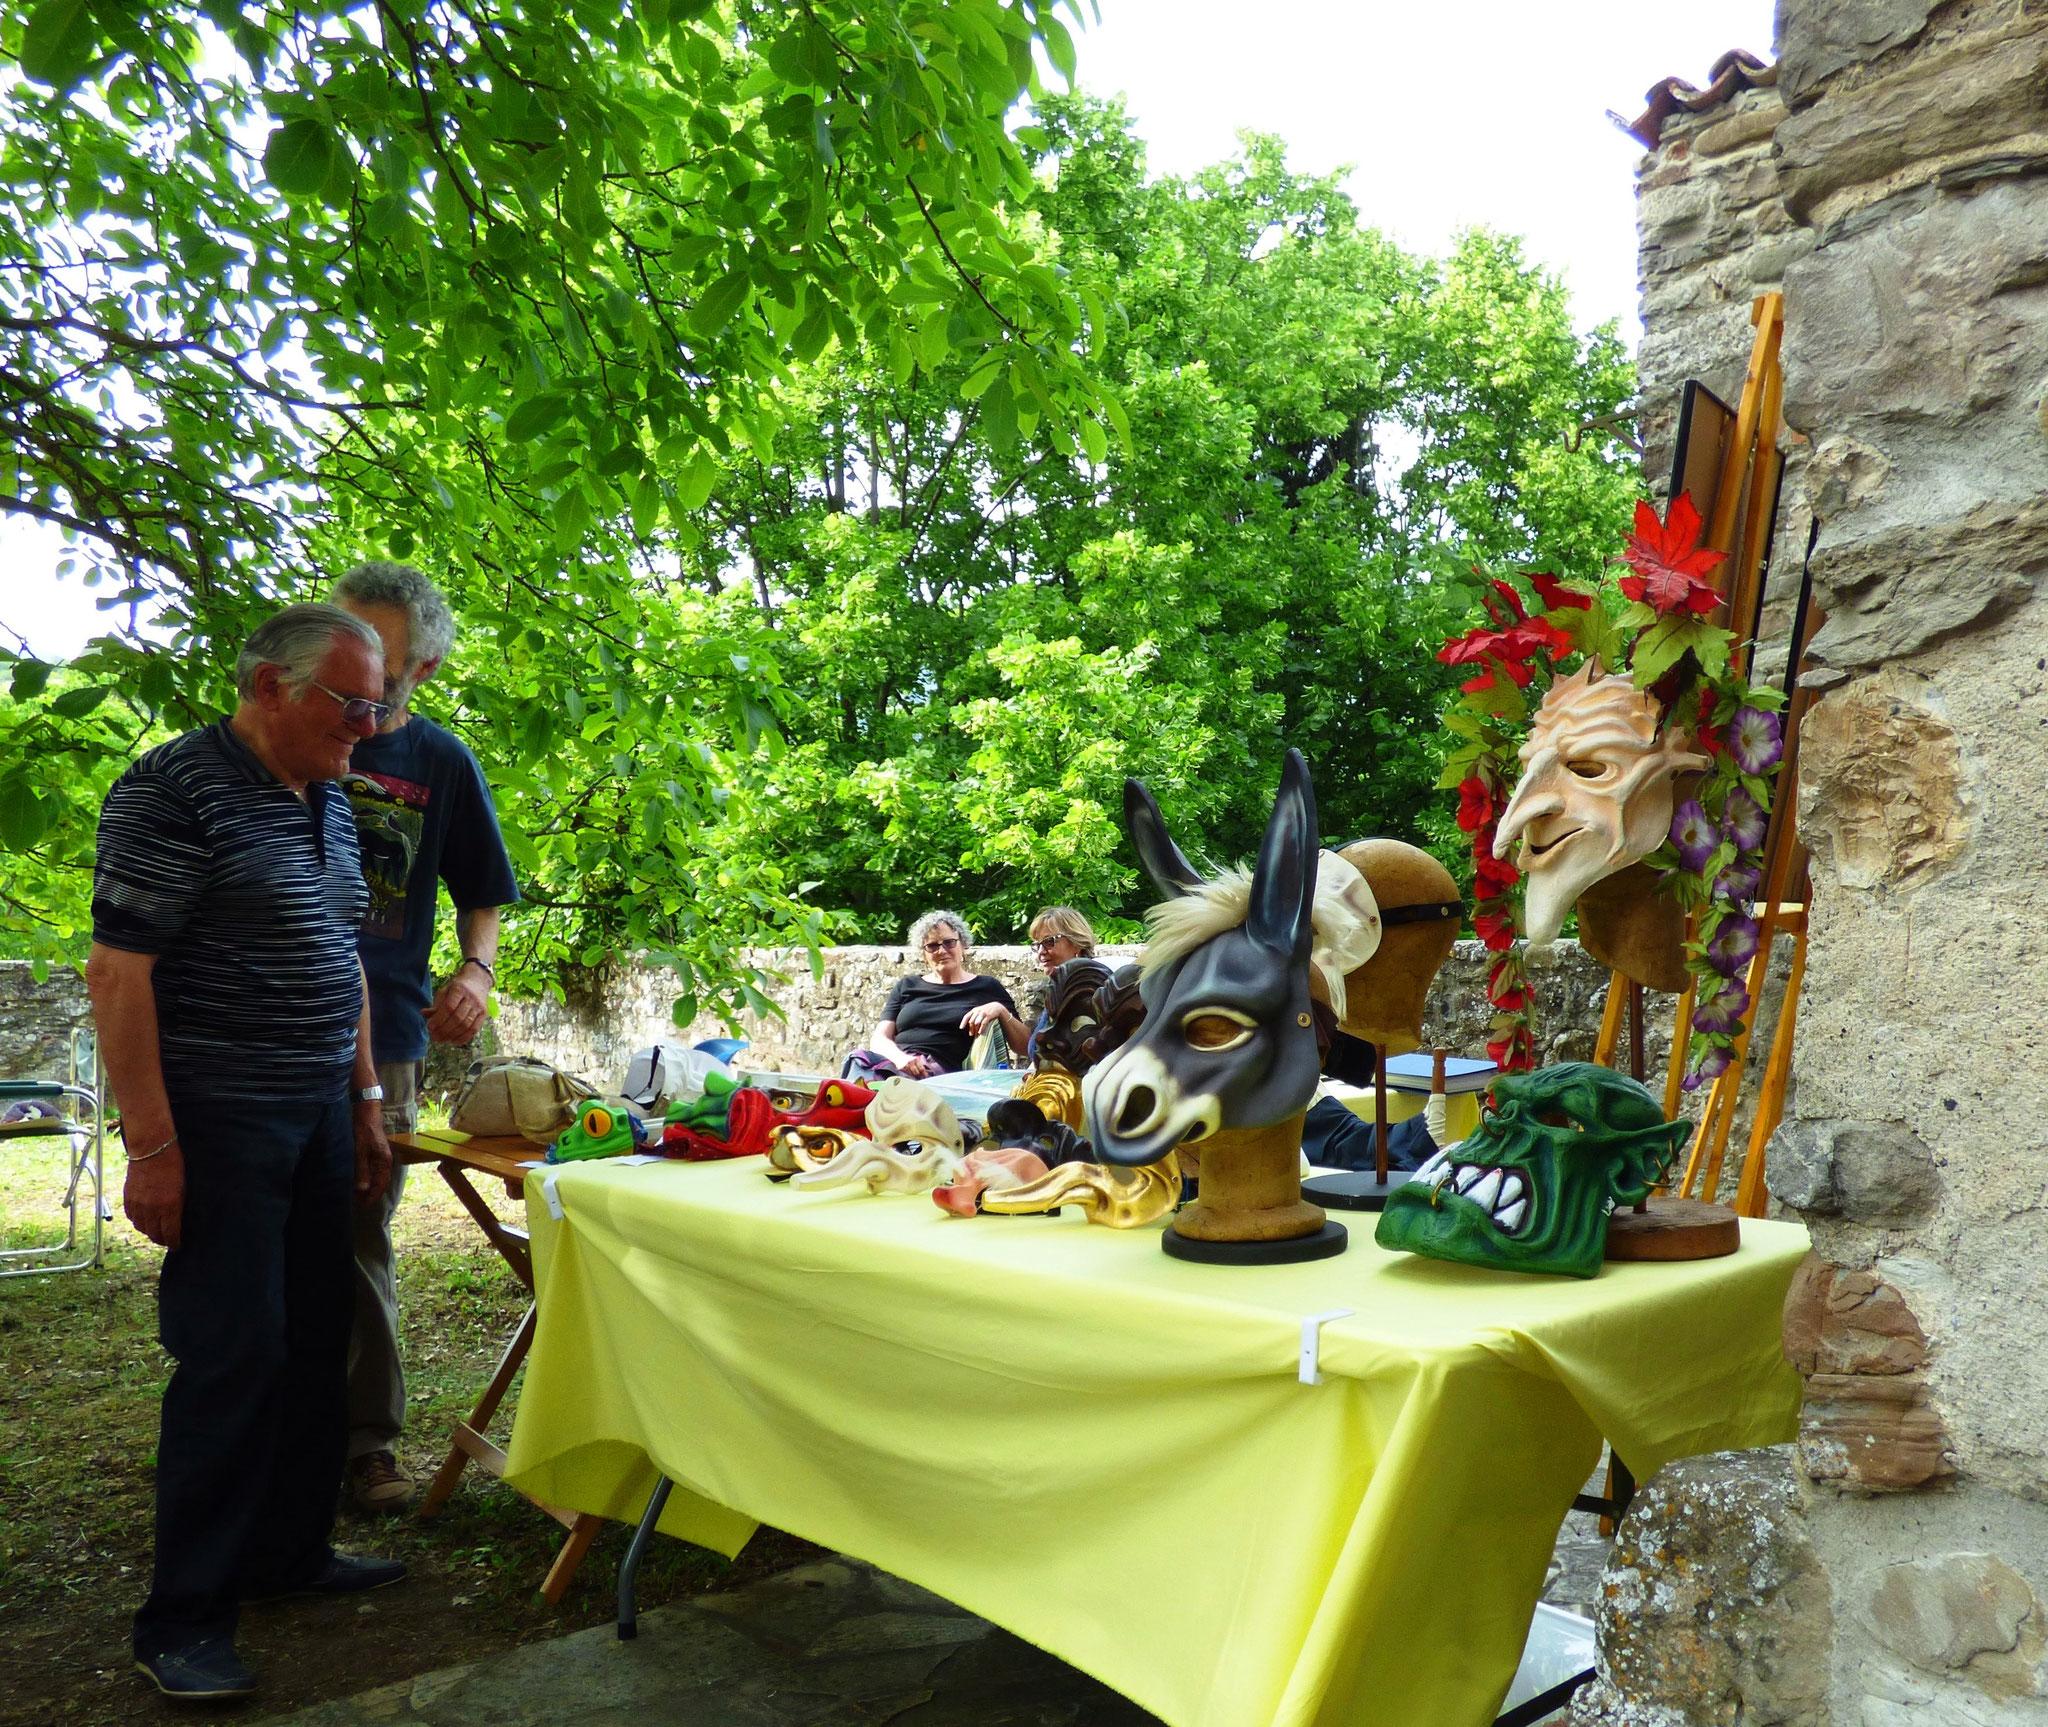 Andrea Rossi Artre : Bobbio - Il Castello in Fiore II ed. 28 -29 maggio 2016